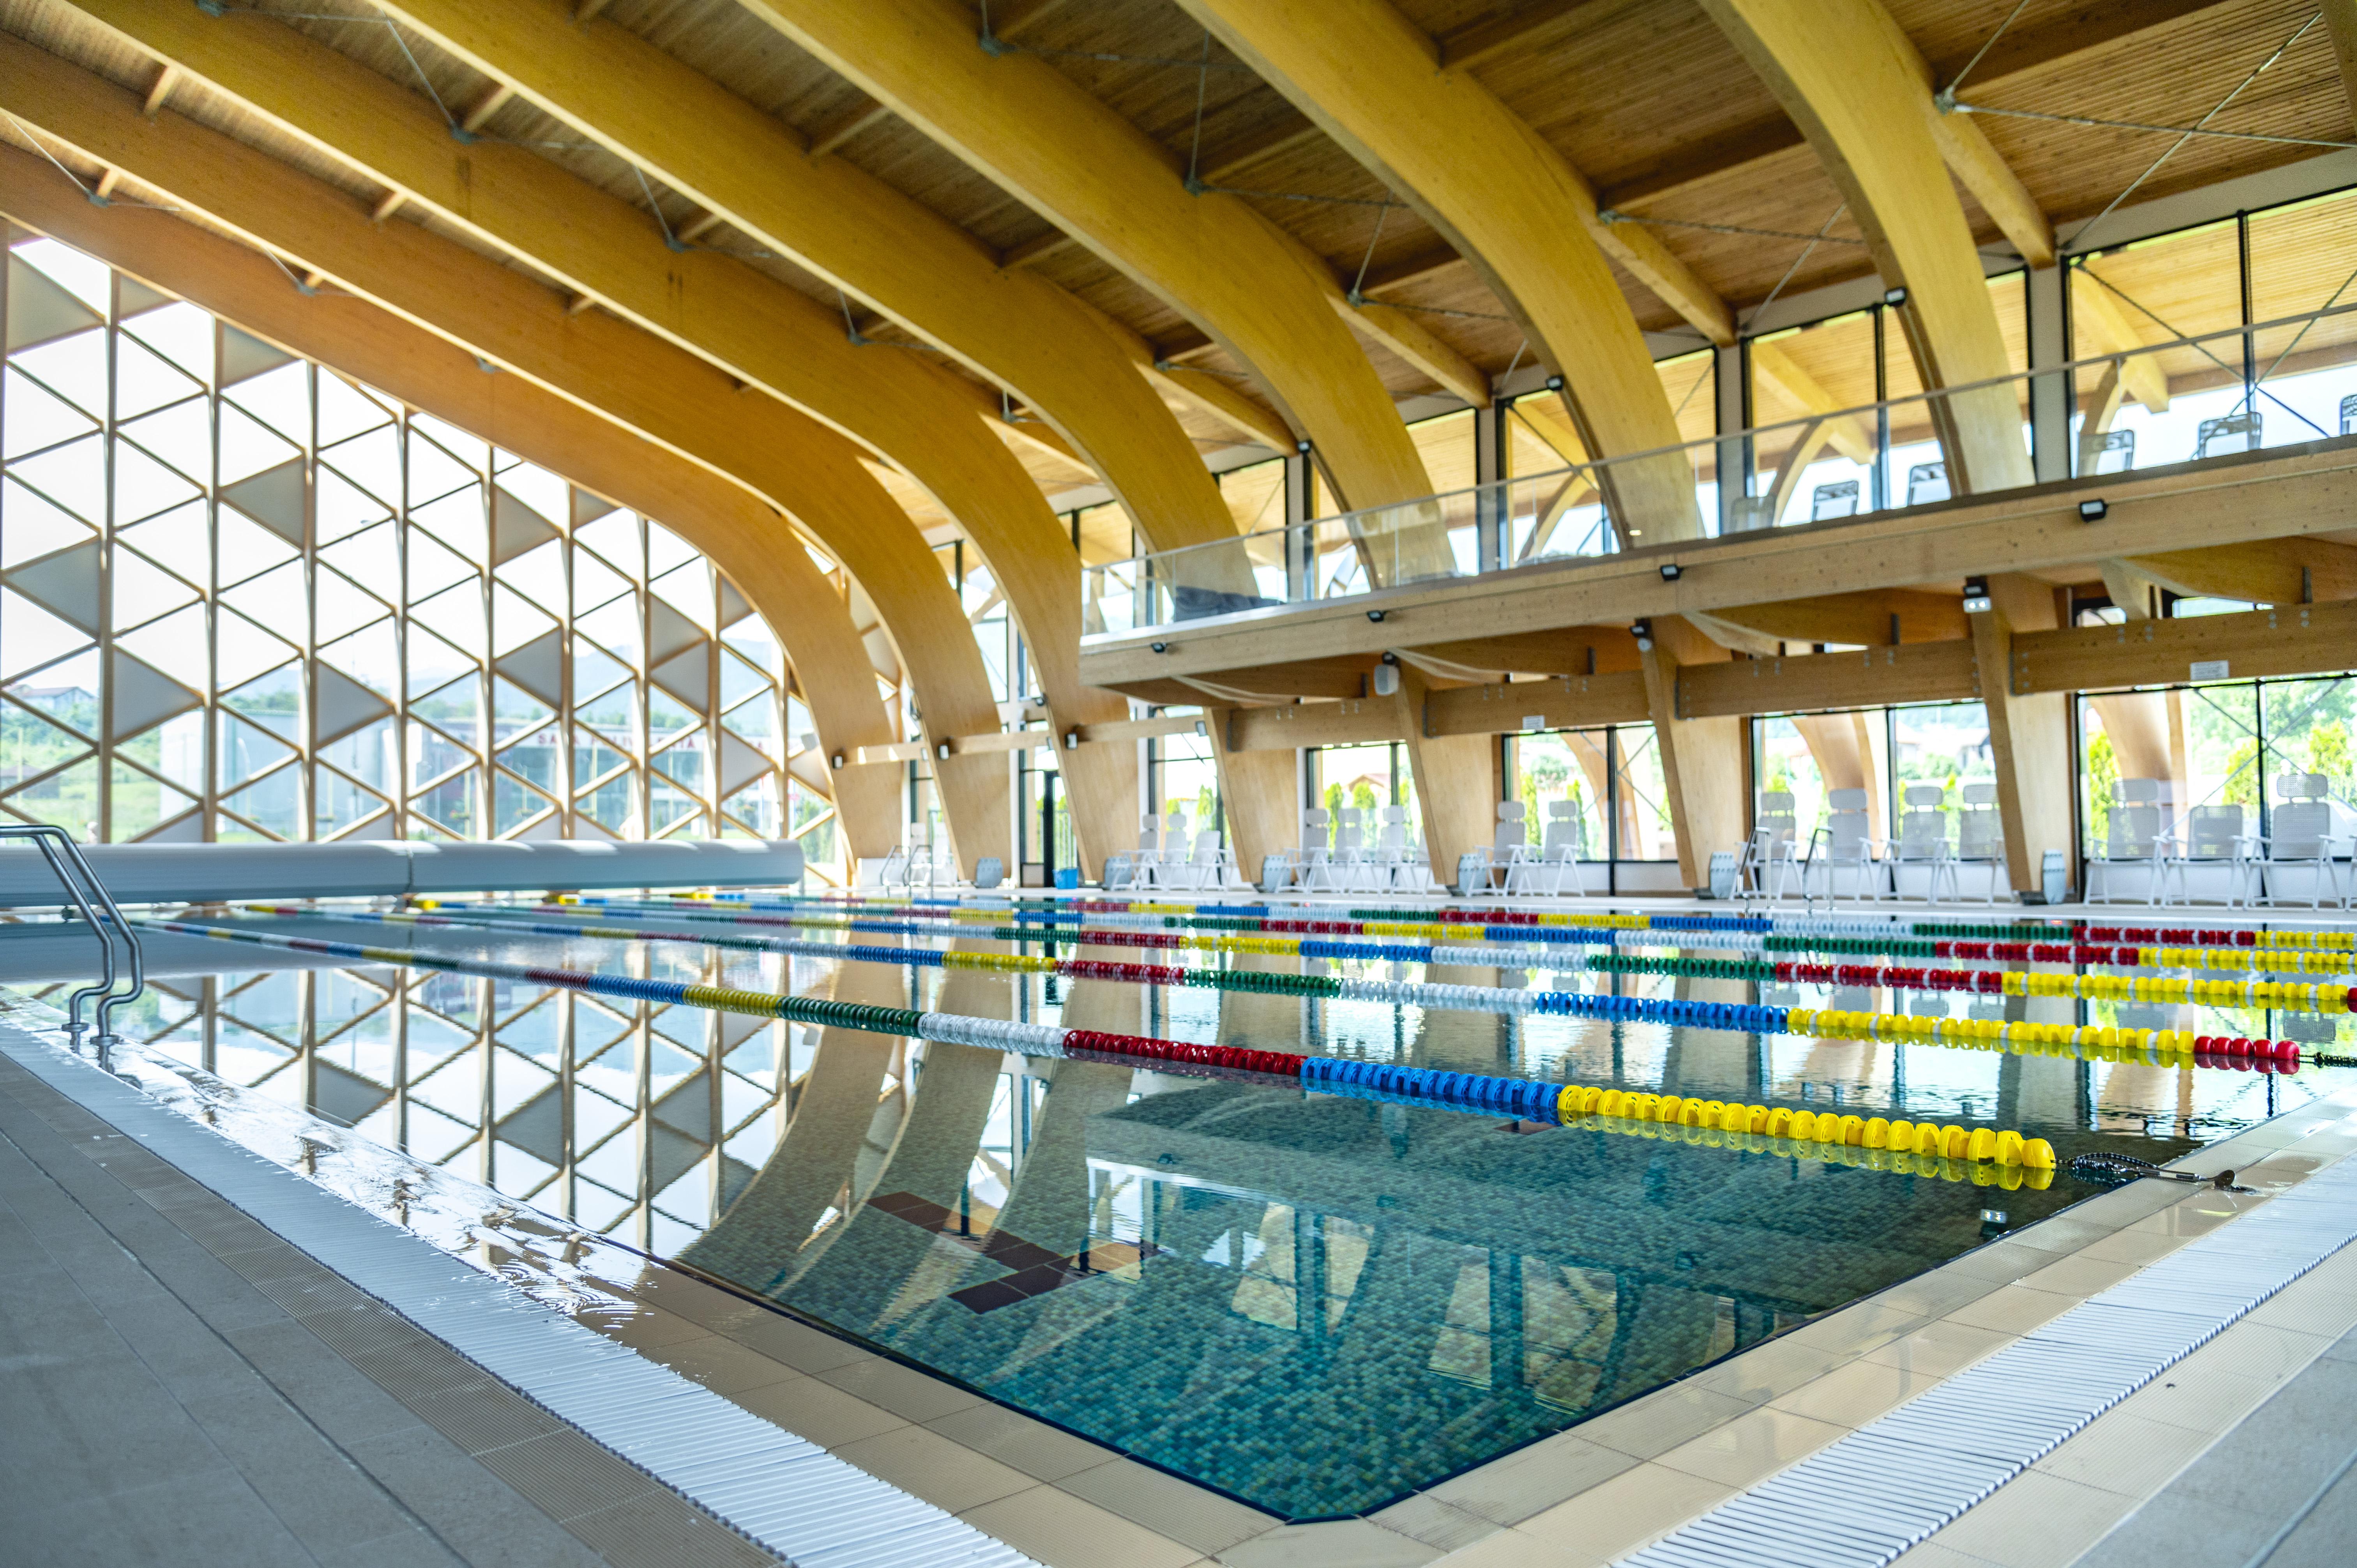 Investiție de două milioane de euro: se deschide centrul SPA Aria Măgura. Bazin de înot, SPA, sală de sport și servicii de recuperare pentru sibieni